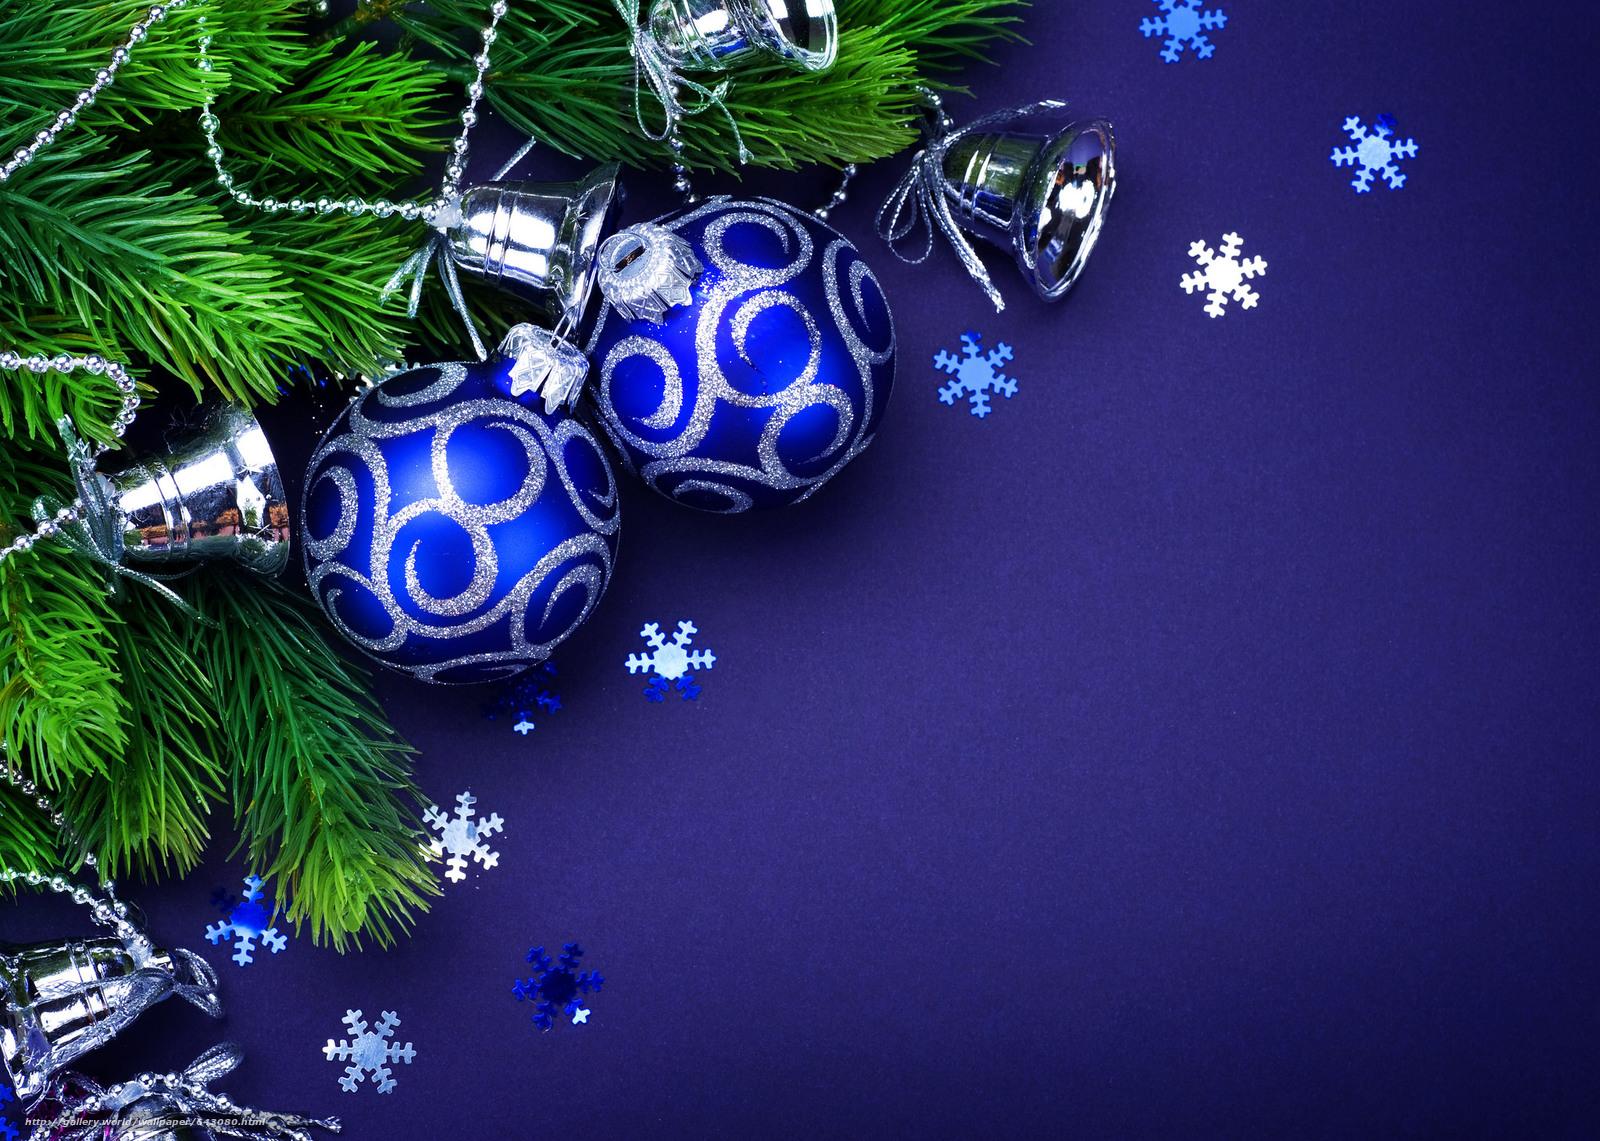 壁紙をダウンロード 新年,  クリスマスの壁紙,  クリスマス,  休日 デスクトップの解像度のための無料壁紙 2048x1461 — 絵 №643080